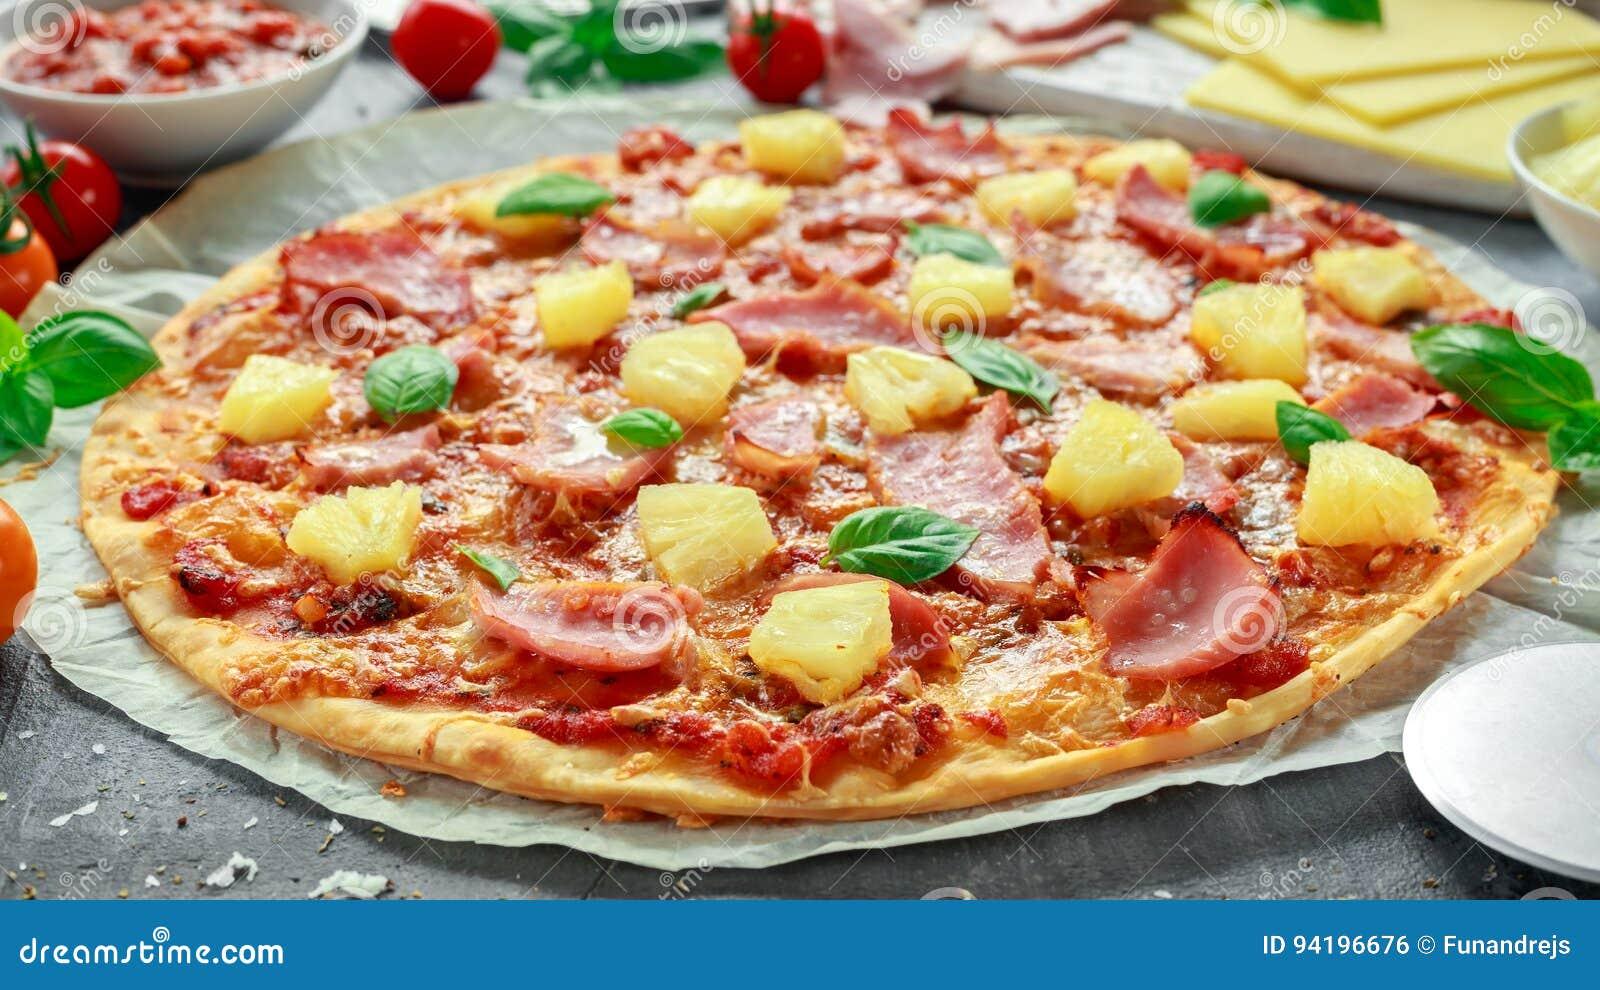 Risultati immagini per immagine pizza al pomodoro con ananas